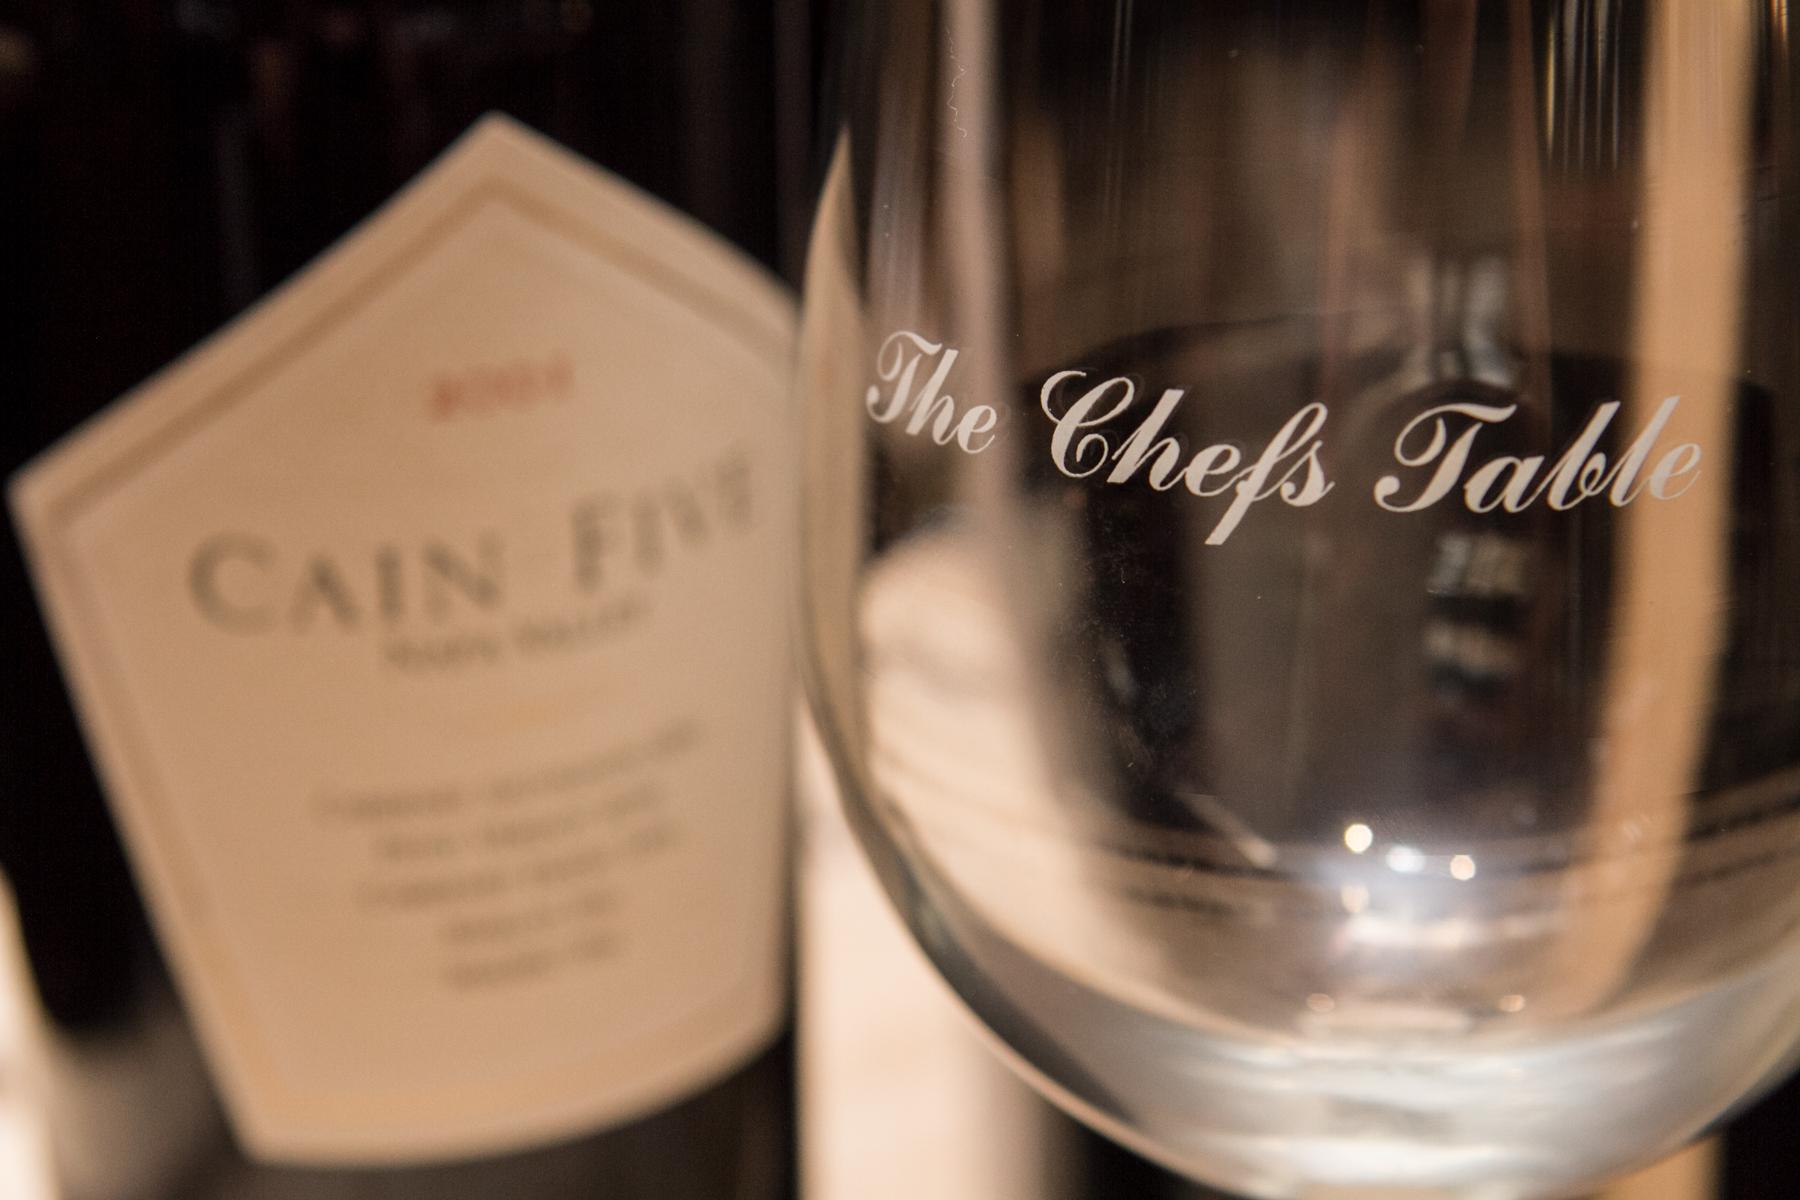 chefs_table_claudia_retter_012.jpg